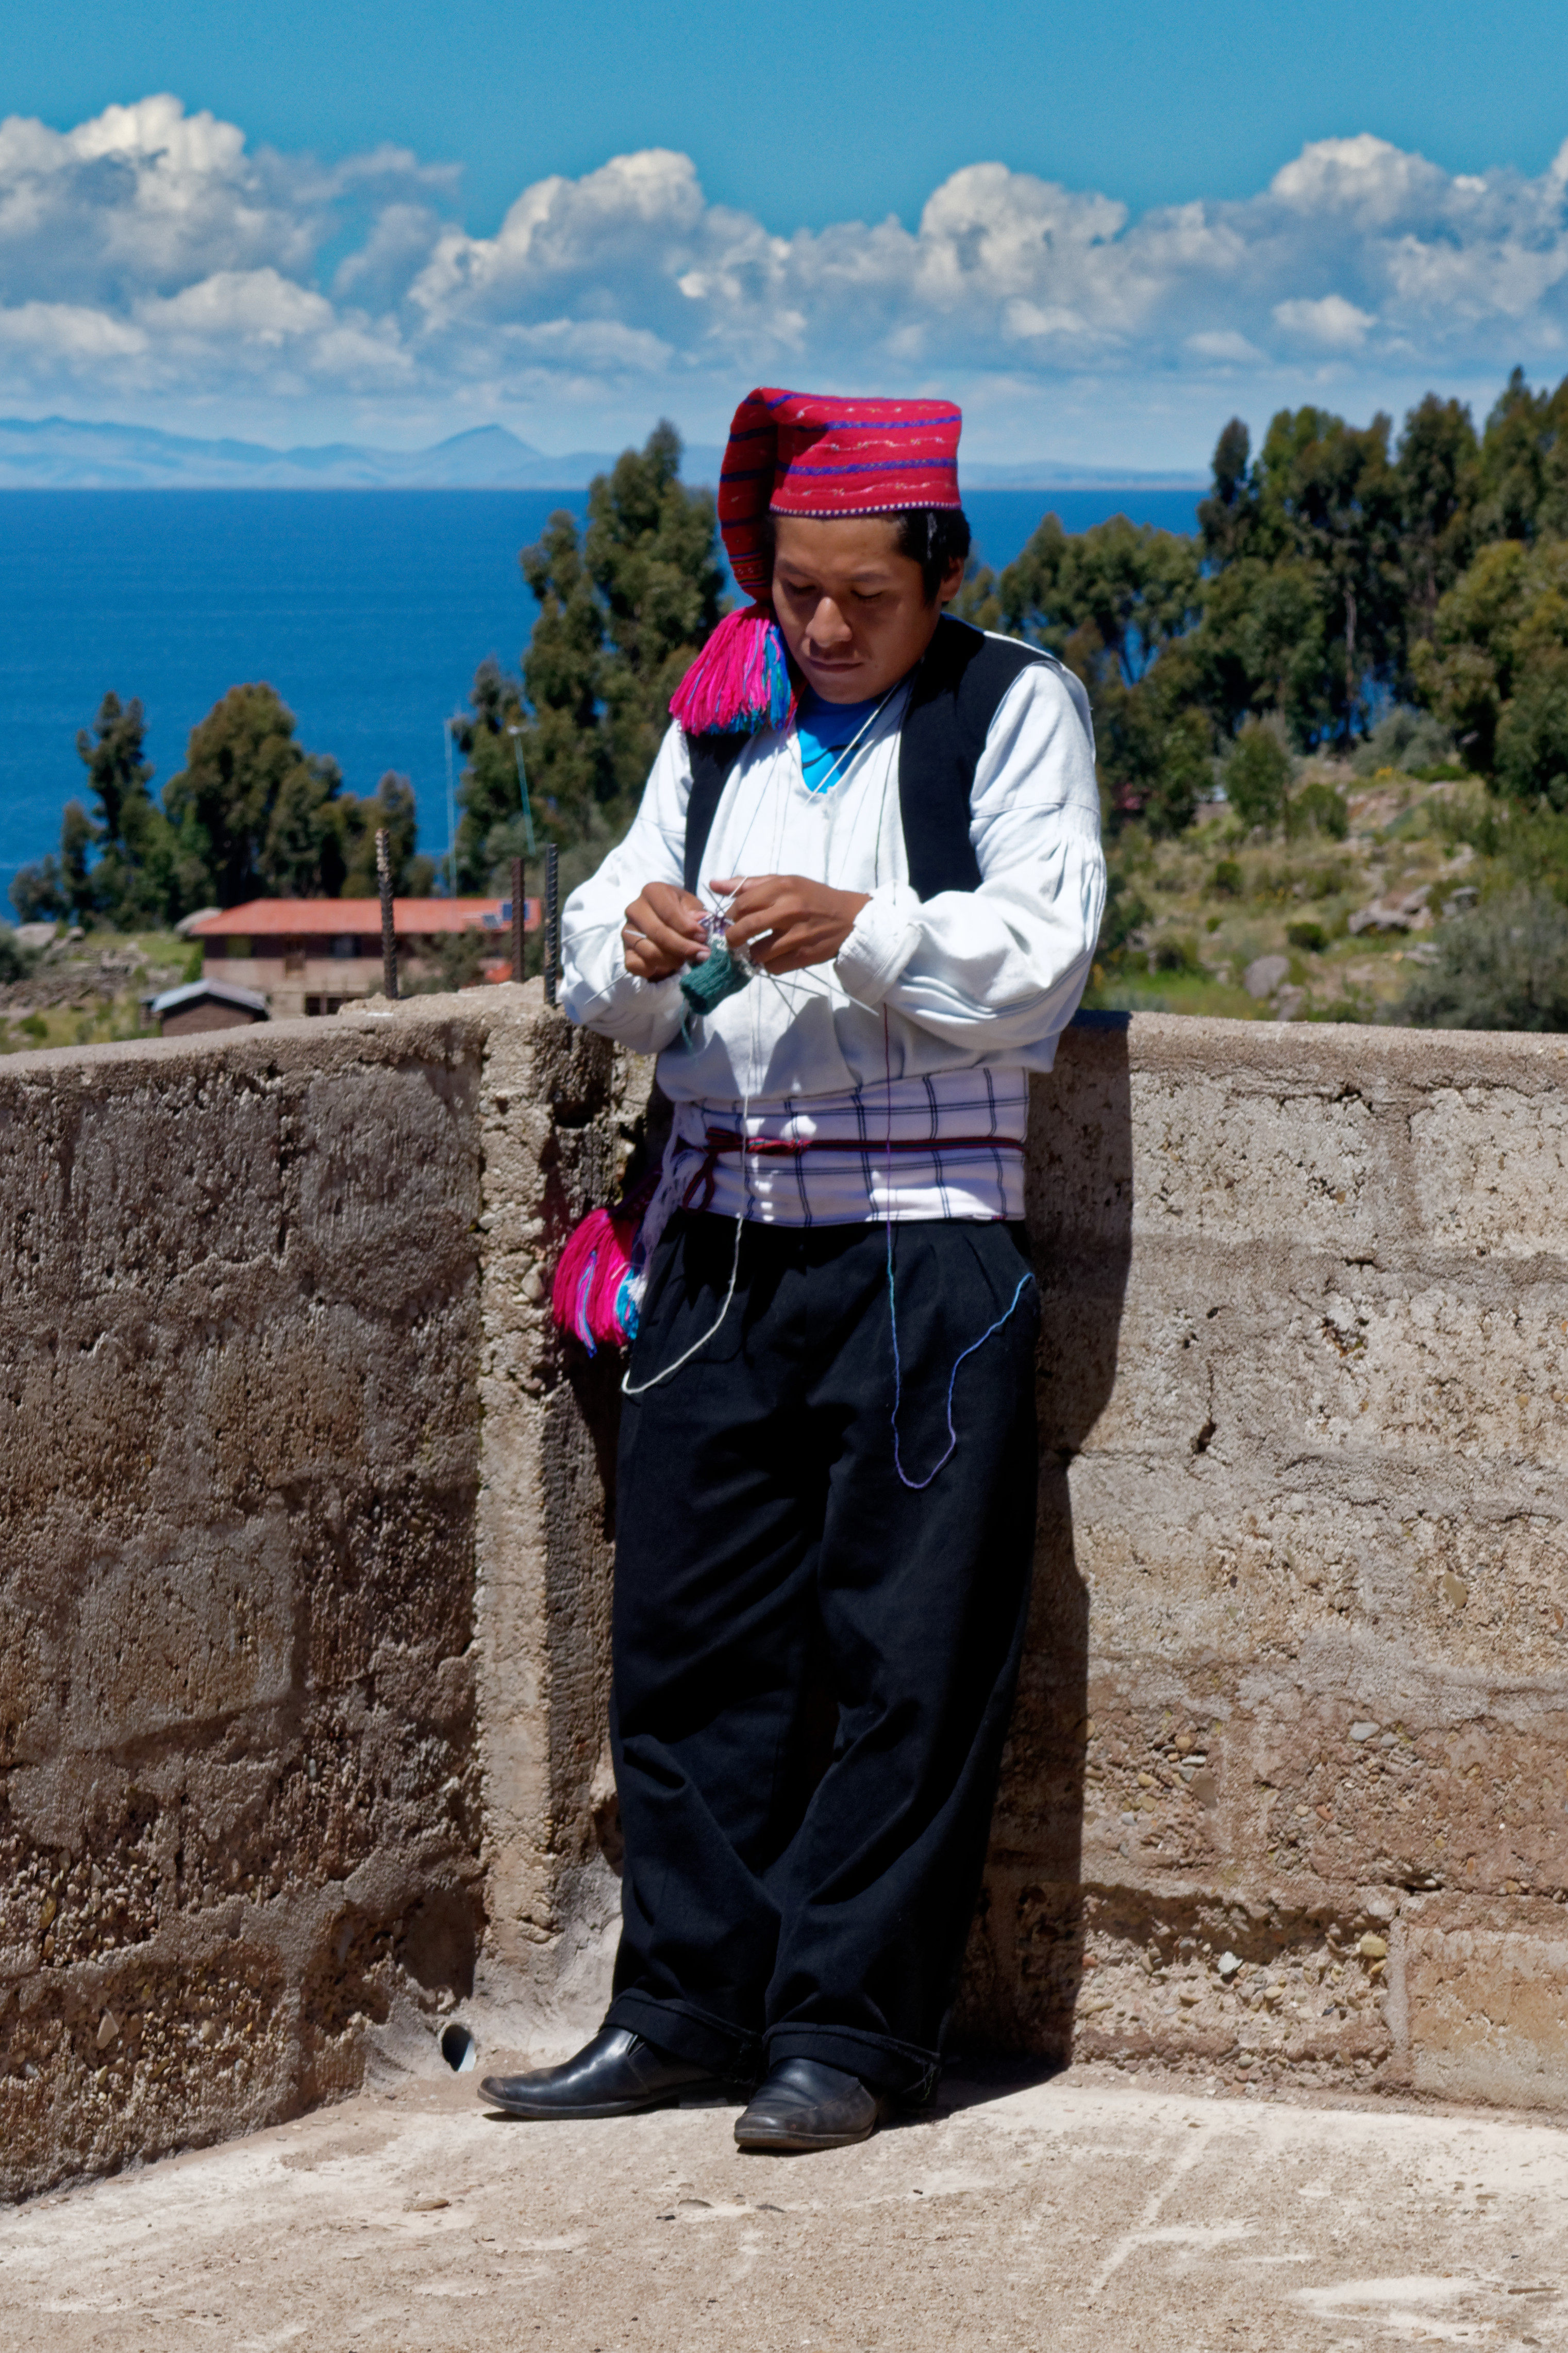 A man knits